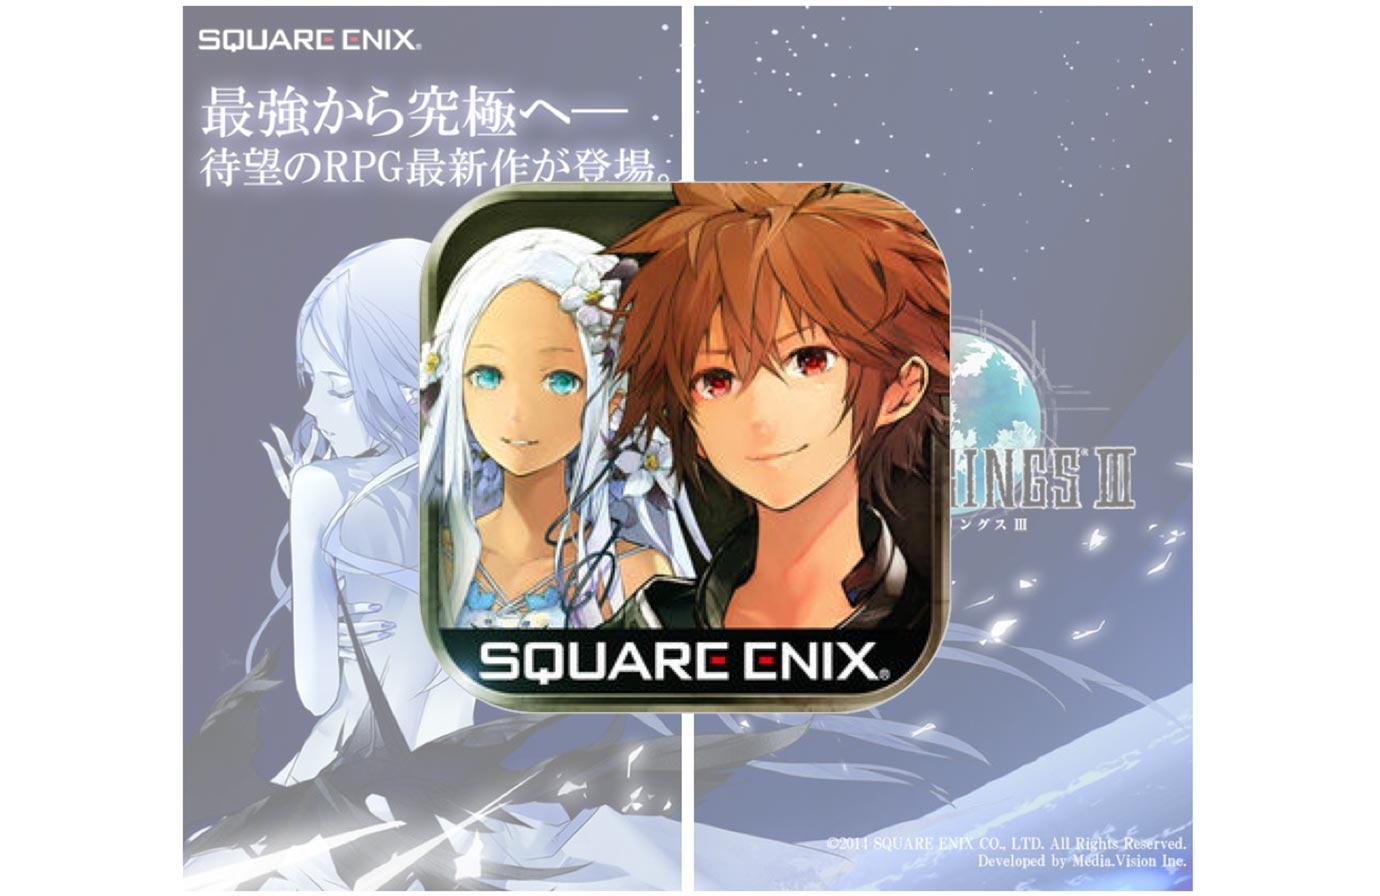 【50%オフ】スクエニ、iOSアプリ「CHAOS RINGS Ⅲ」を1,400円で配信中